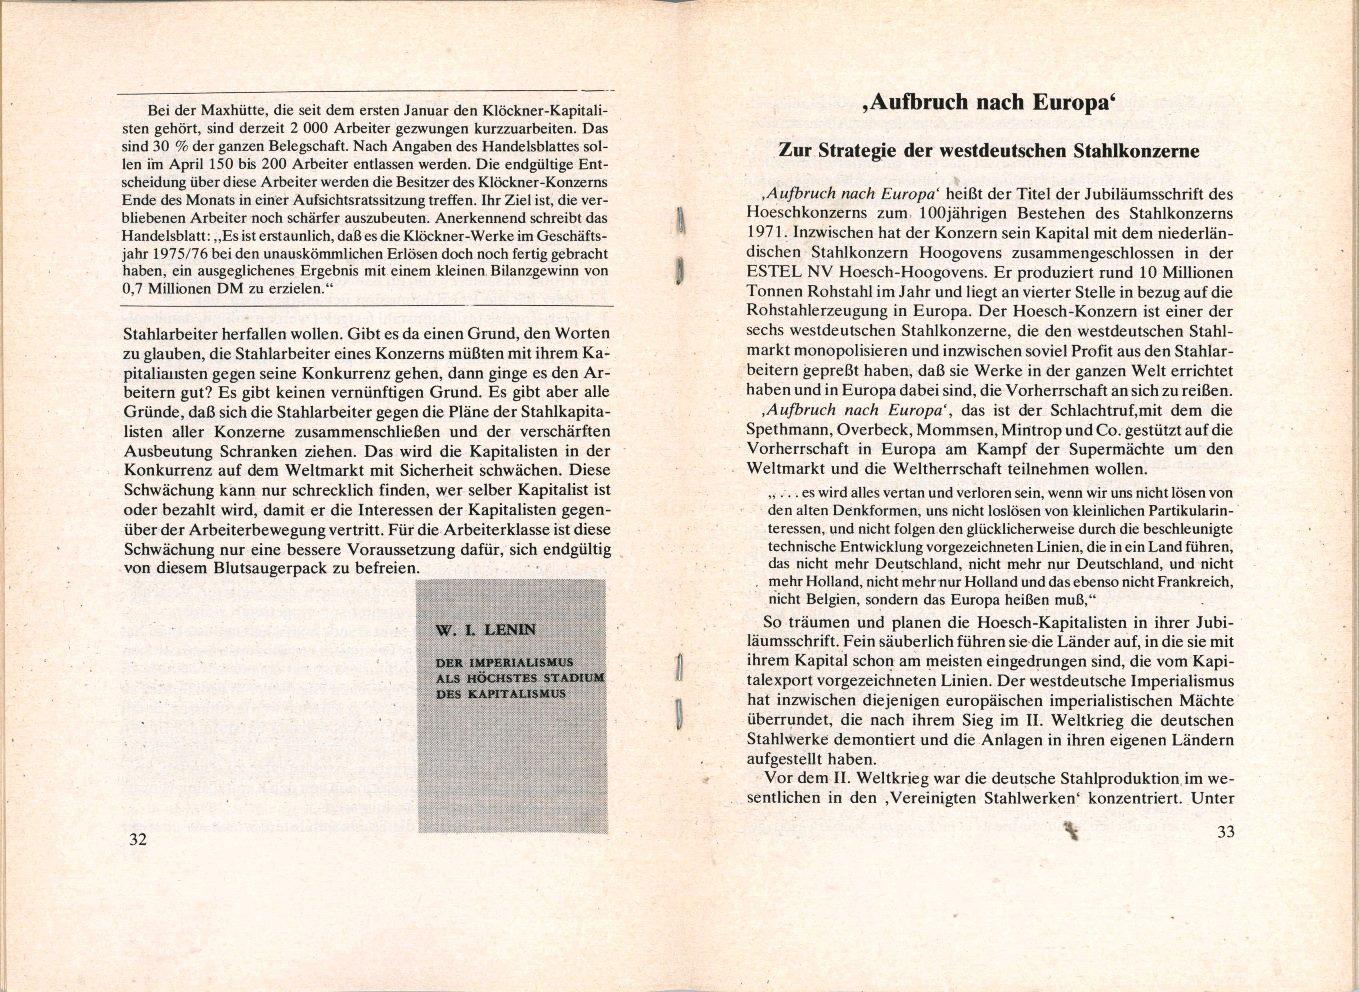 IGM_KBW_Krise_in_der_Stahlindustrie_1977_18